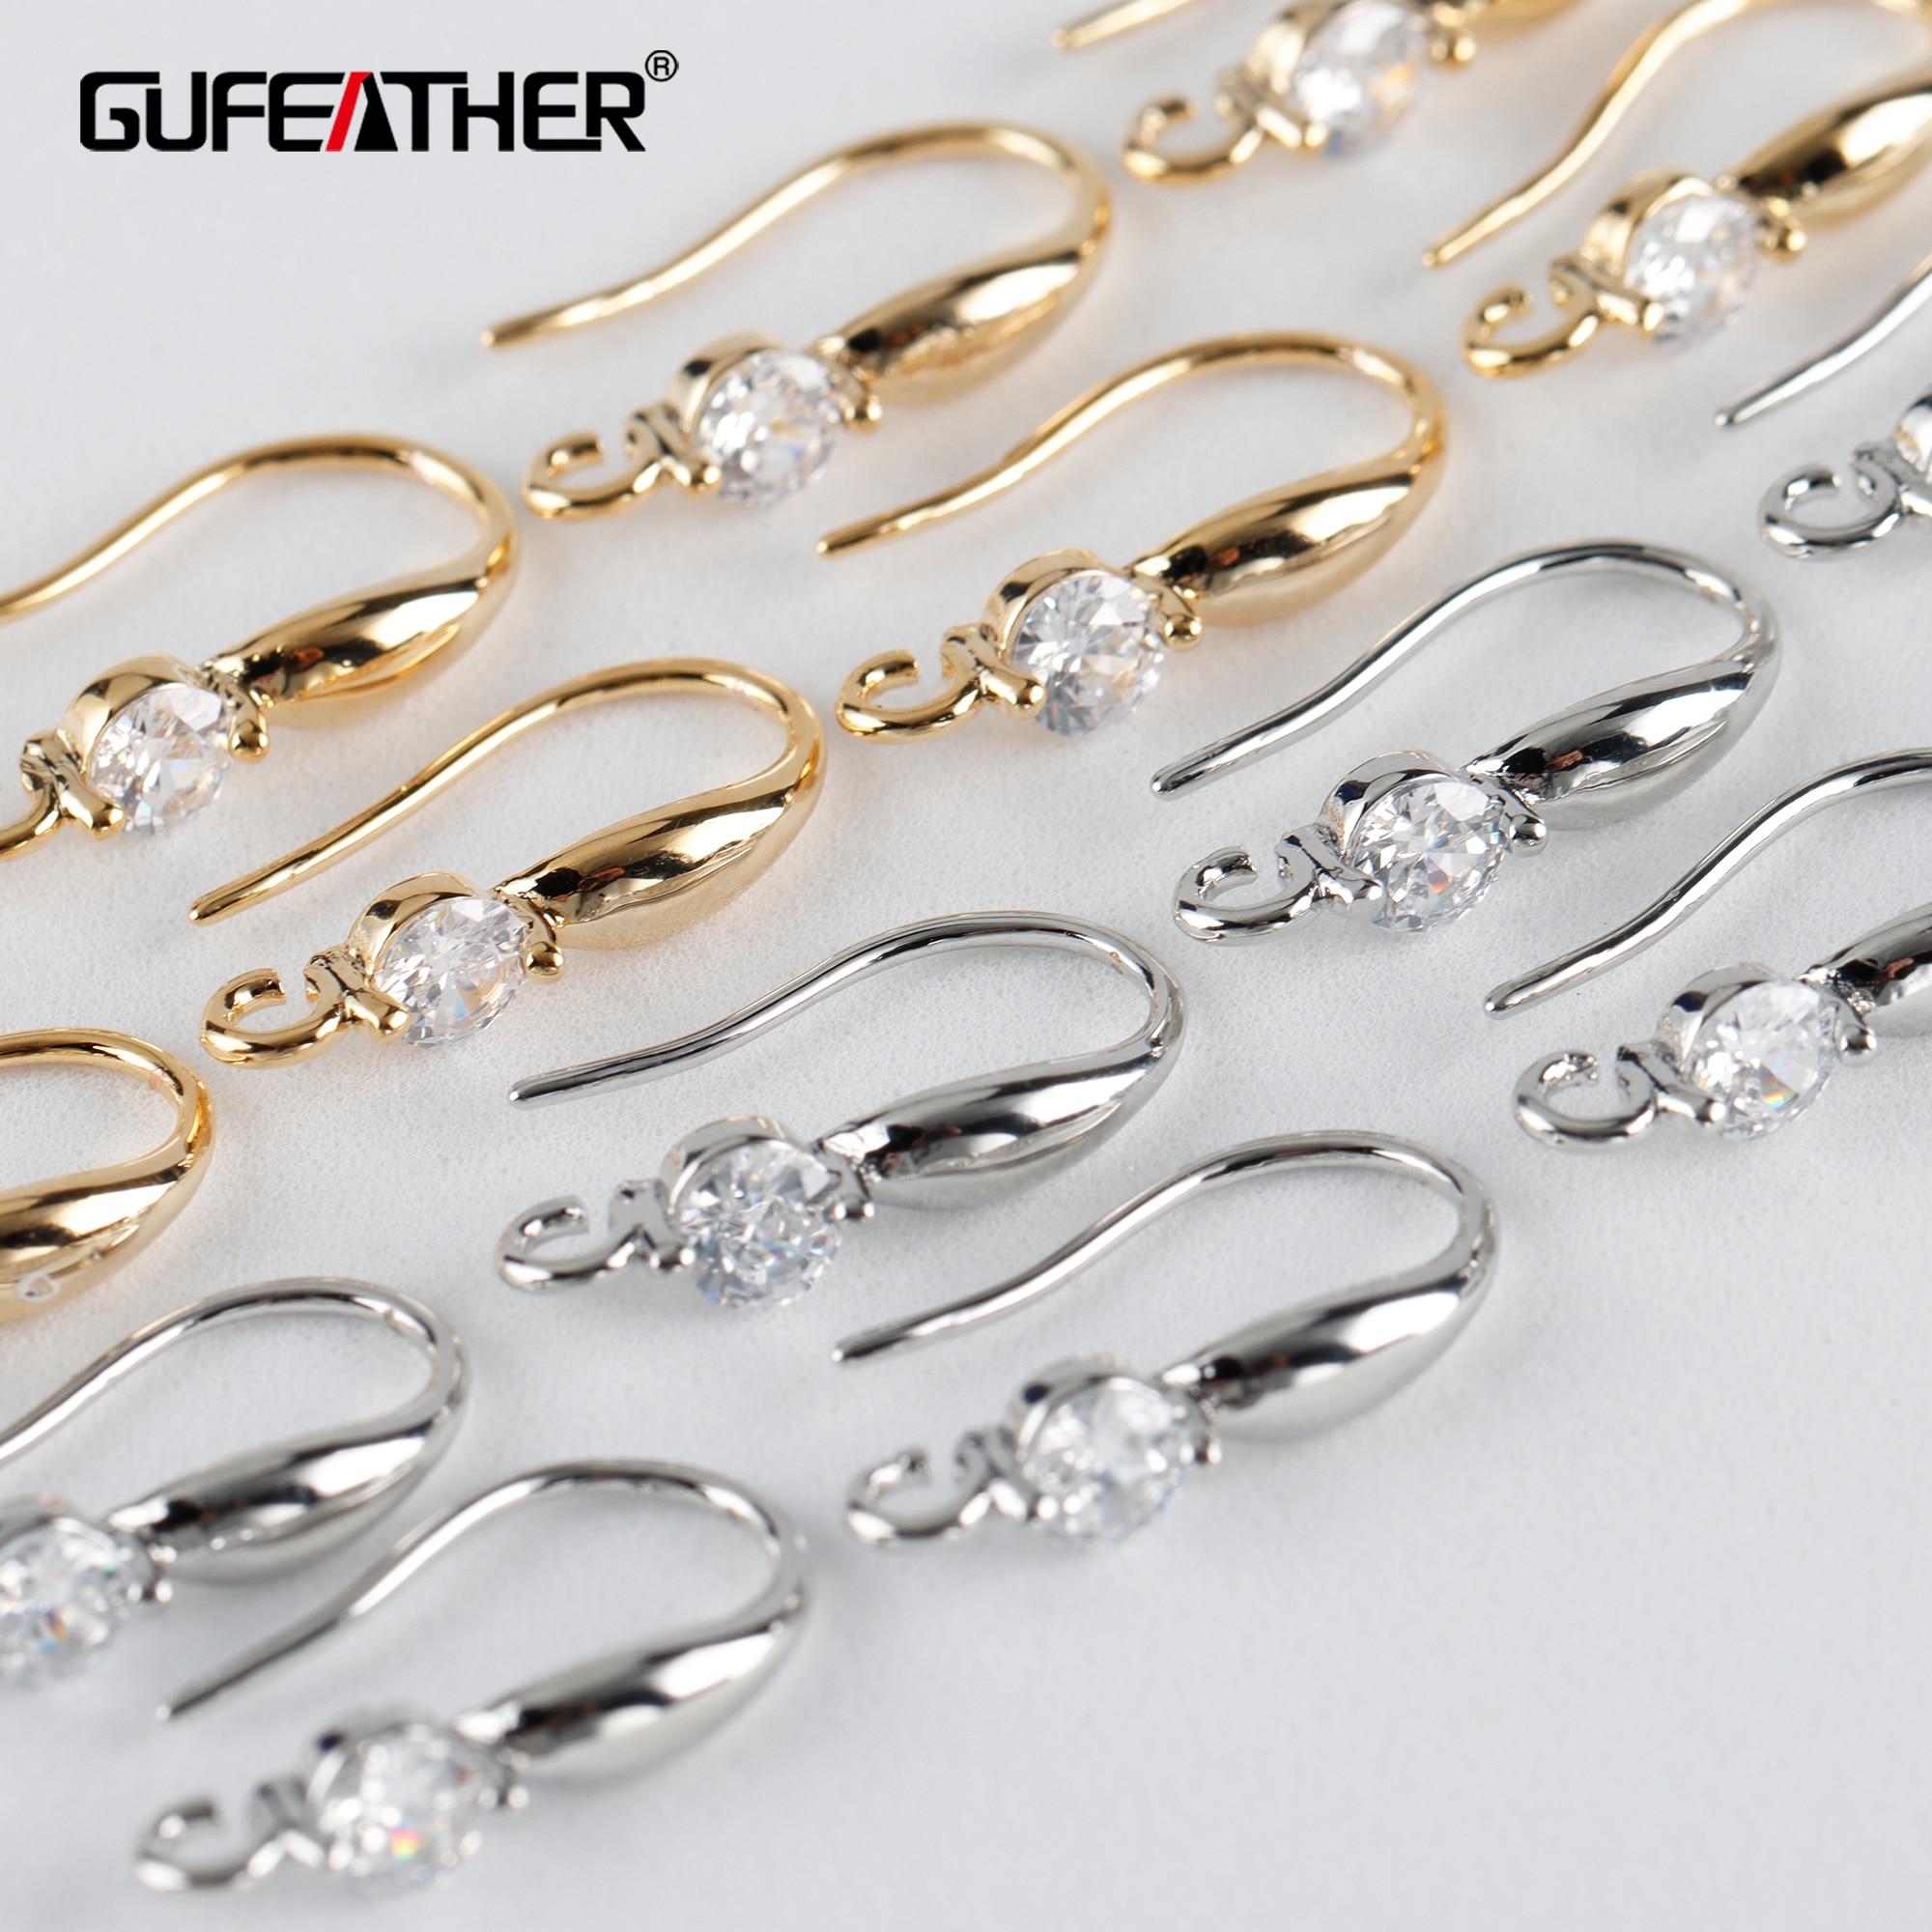 Aliexpress Высокое качество M926, ювелирные изделия, аксессуары, 18k с позолотой, медь, металл, родиевое покрытие, циркон, браслеты с подвесками, для и...